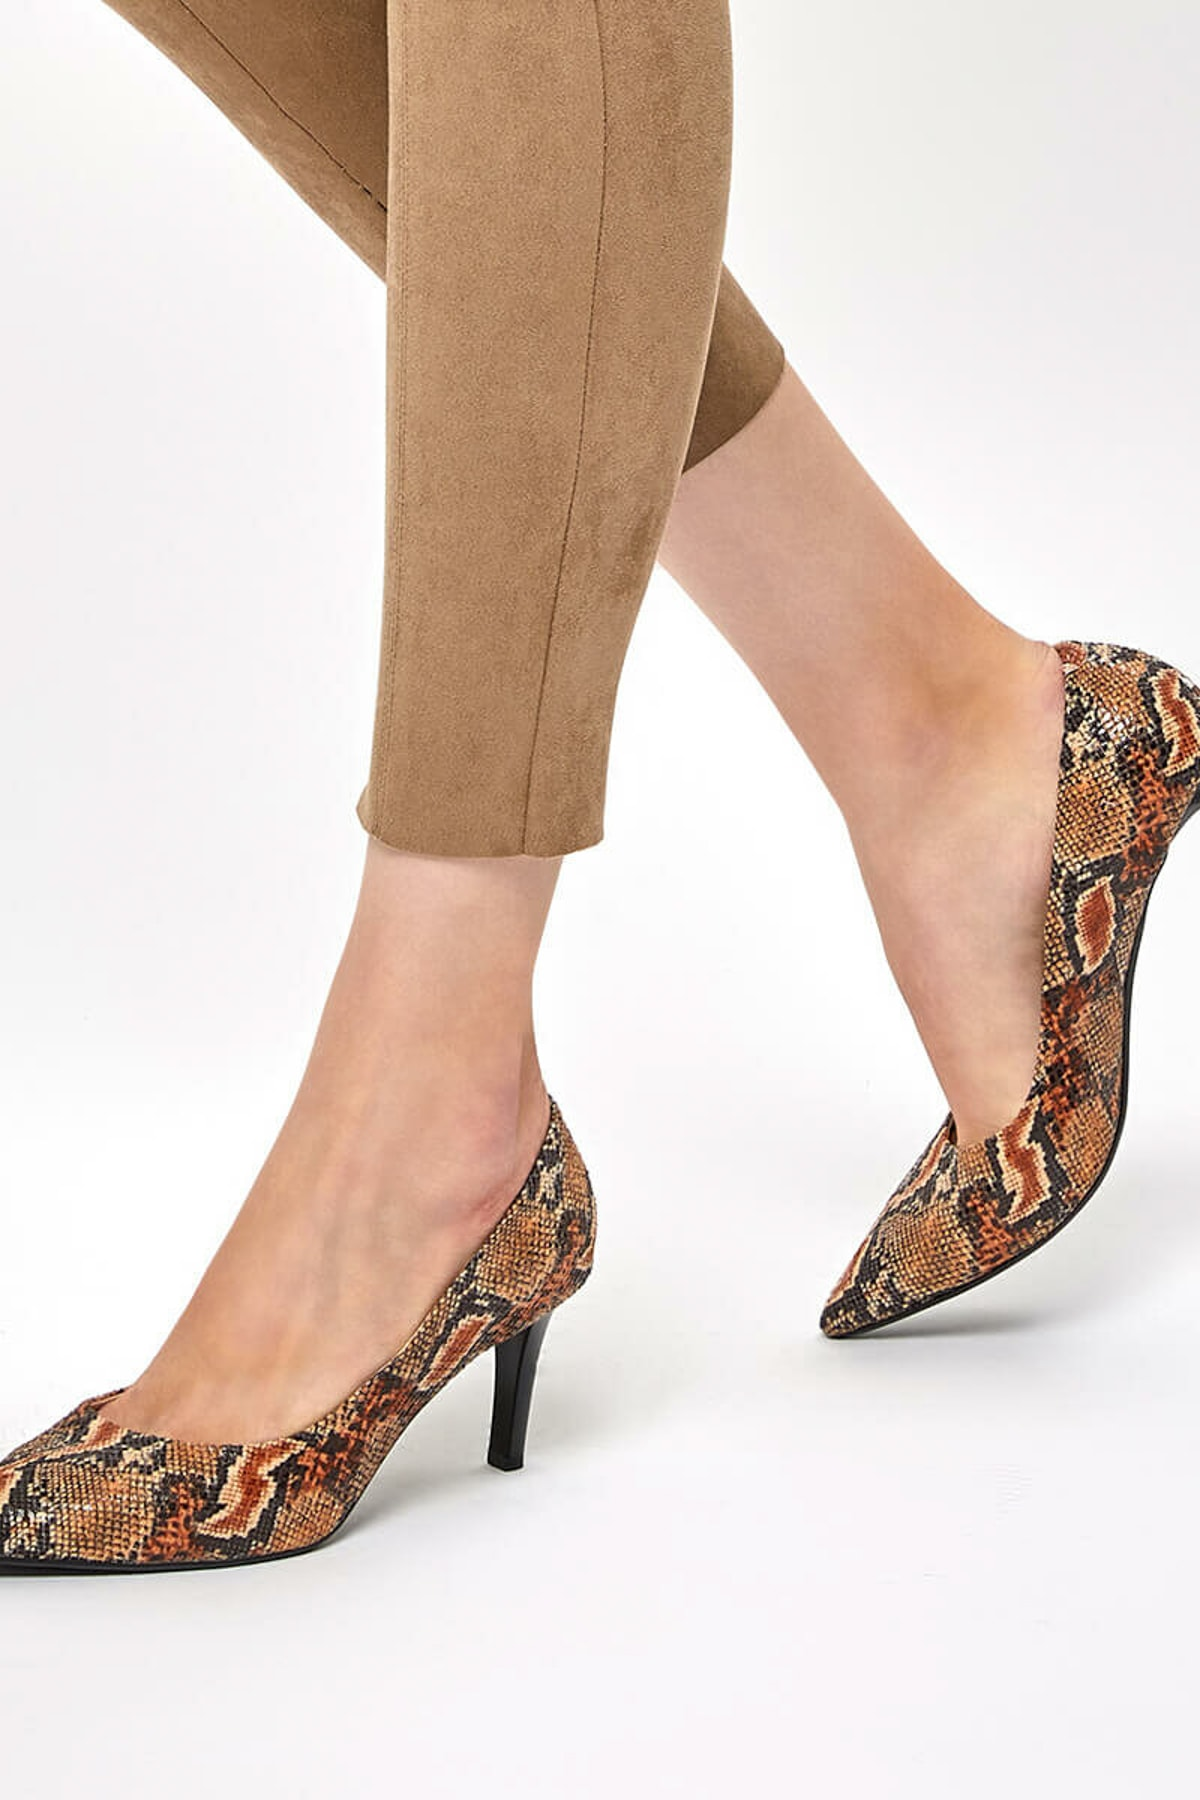 Miss F DW19002 Yılan Rengi Kadın Topuklu Ayakkabı 100439645 1